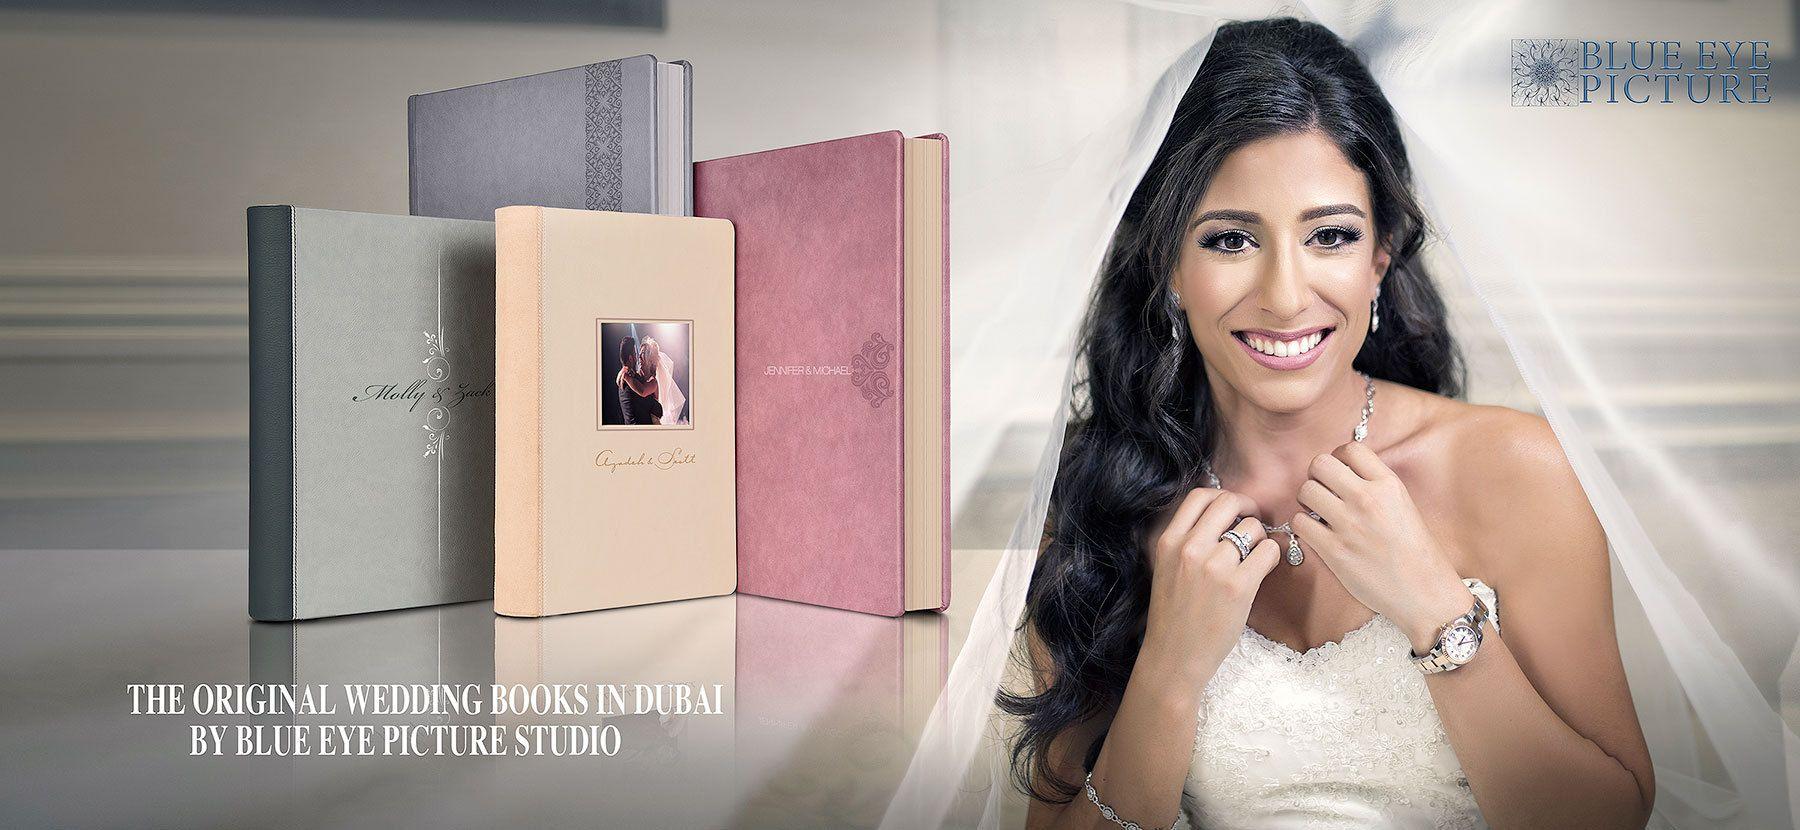 Original Wedding Books in Dubai